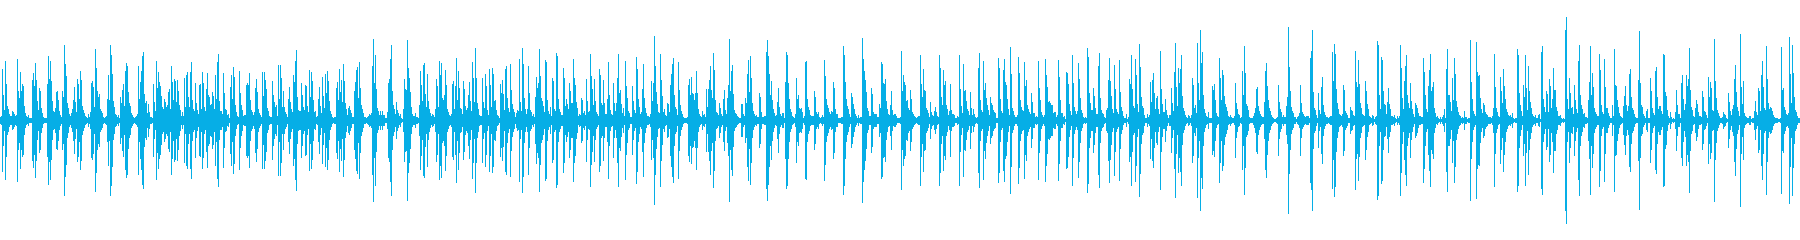 リズミカルなトタンに雨が落ちる音 ループの再生済みの波形